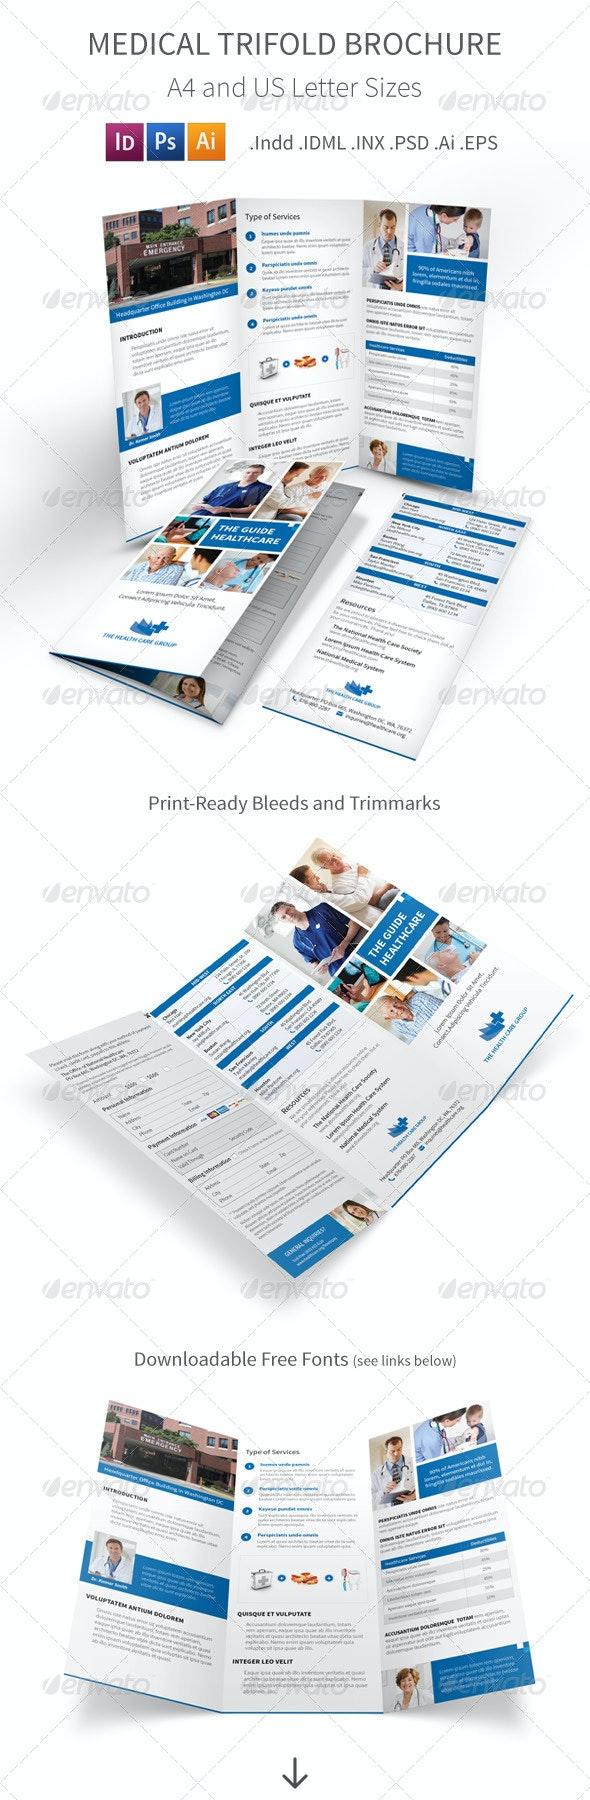 Medical Trifold Brochure - Informational Brochures